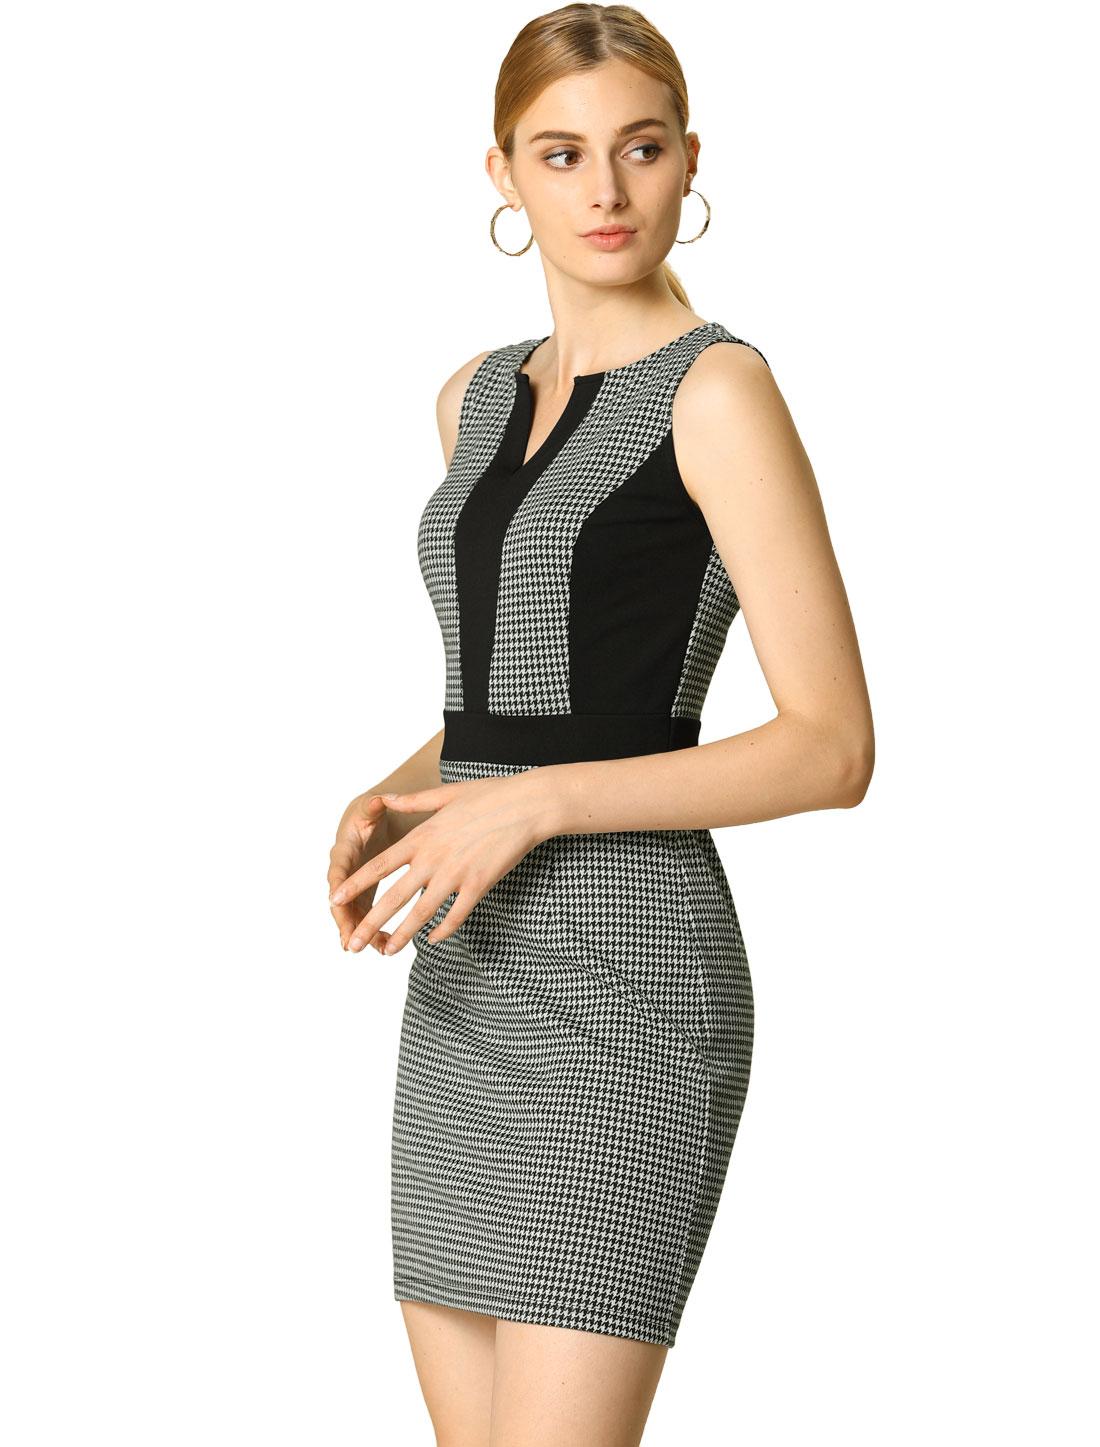 Allegra K Women's Sleeveless Houndstooth Business Dress Black/White M